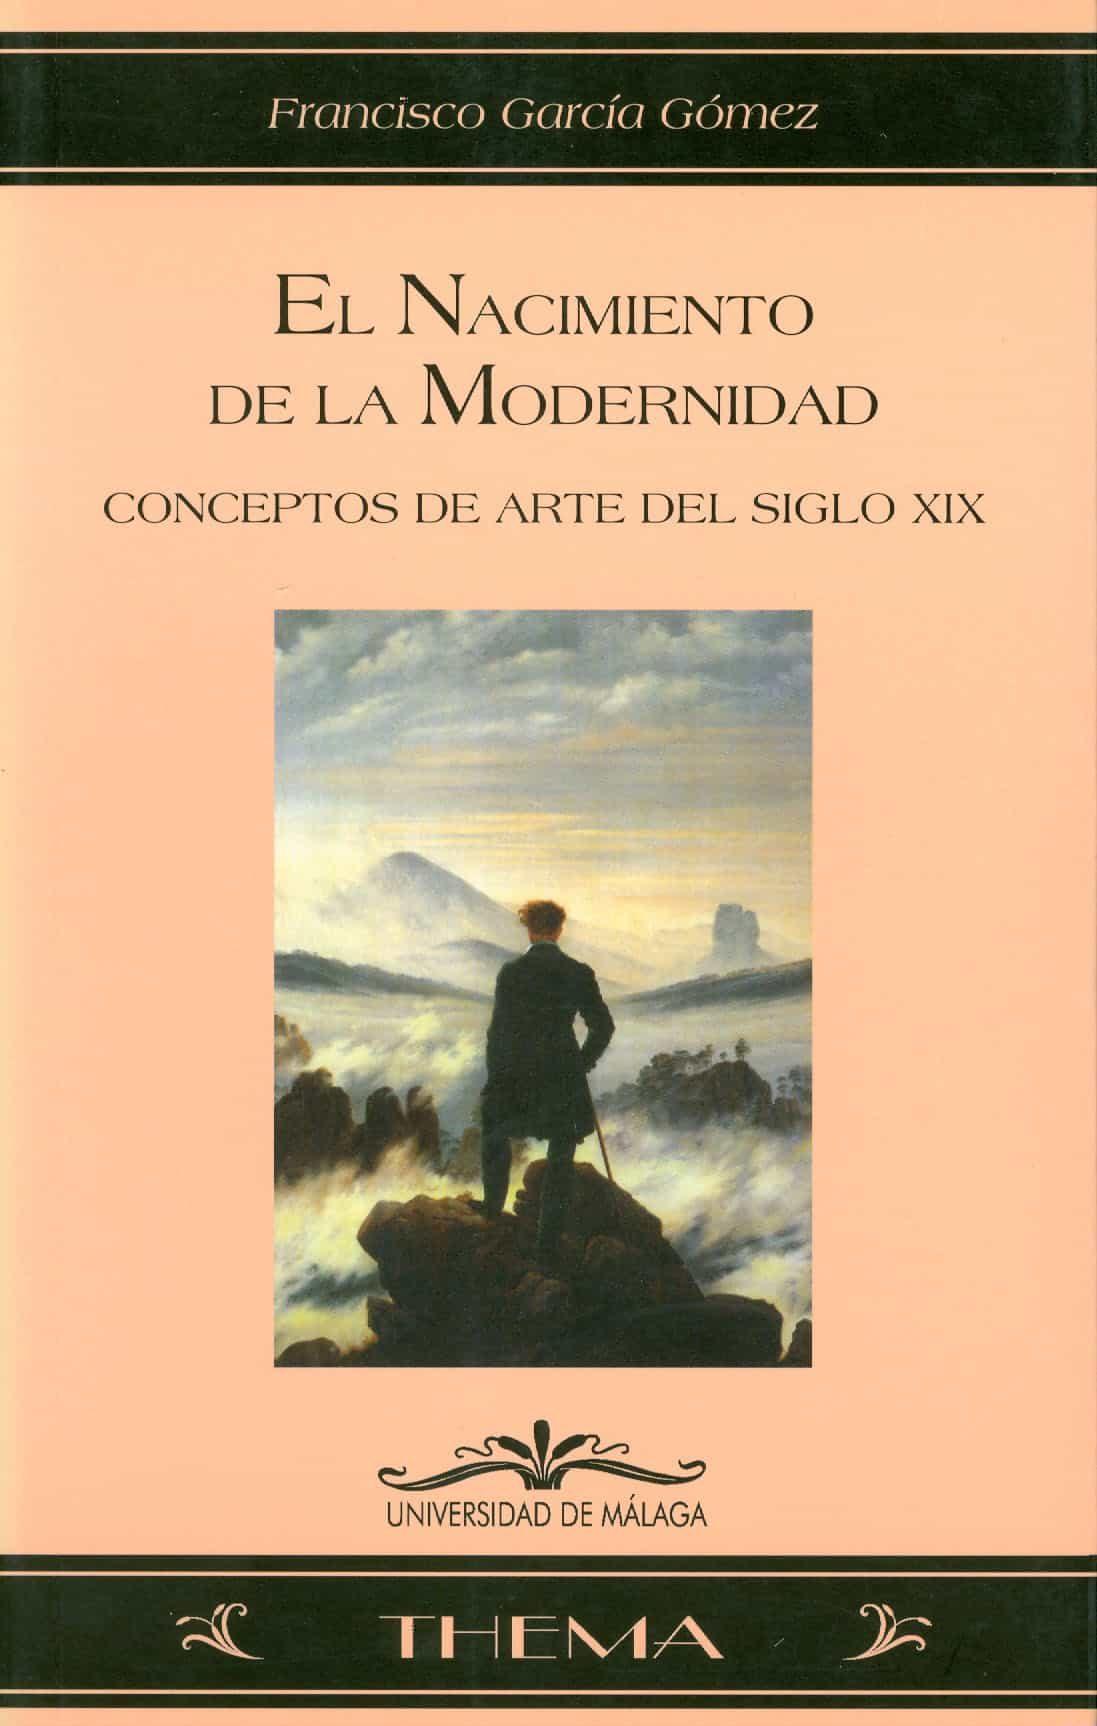 El Nacimiento De La Modernidad por Francisco Garcia Gomez